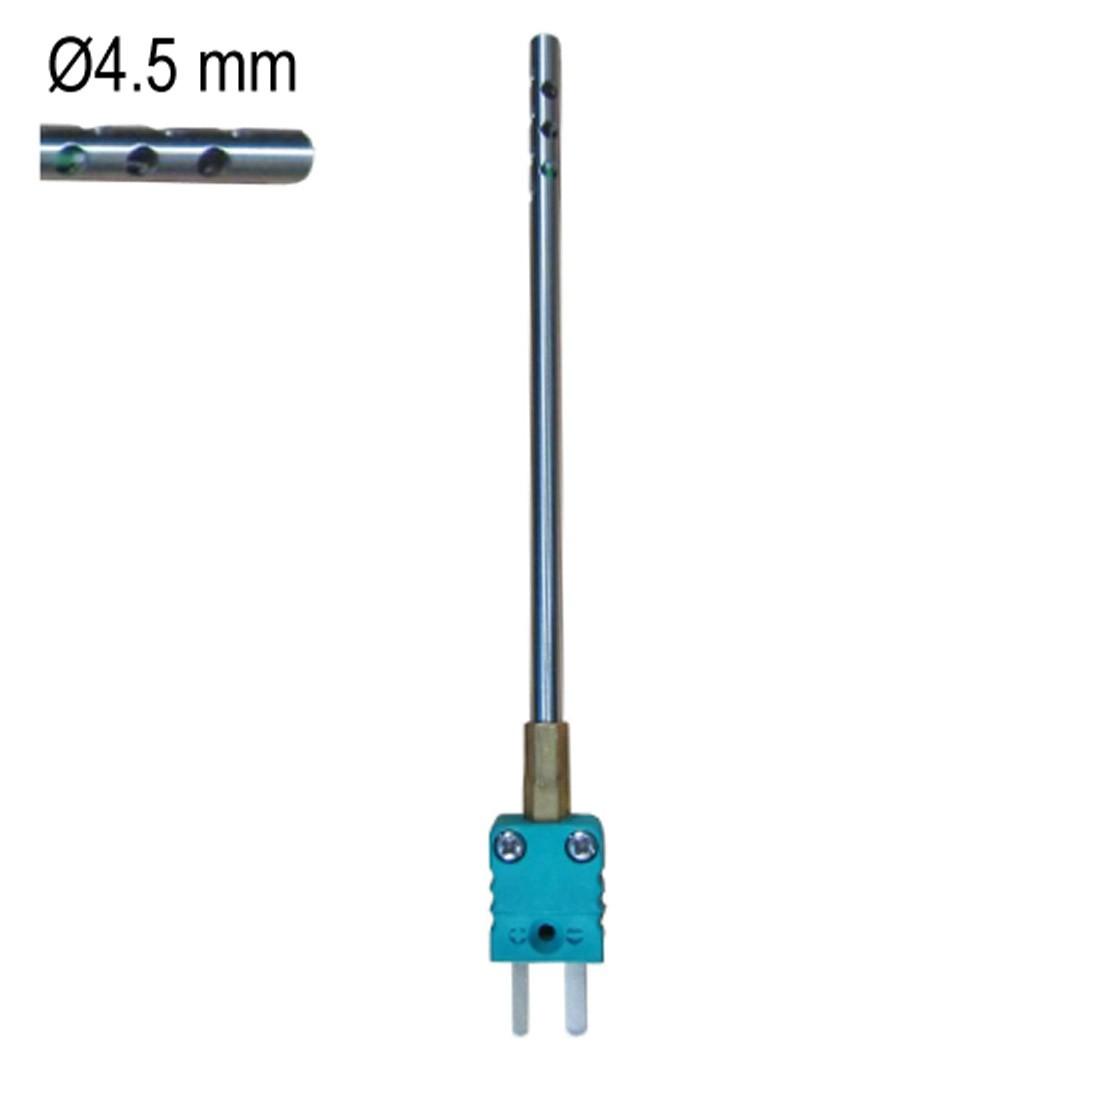 SKA-110 Thermoelement K Klasse 1 Umgebungsfühler (-40 bis 80°C)